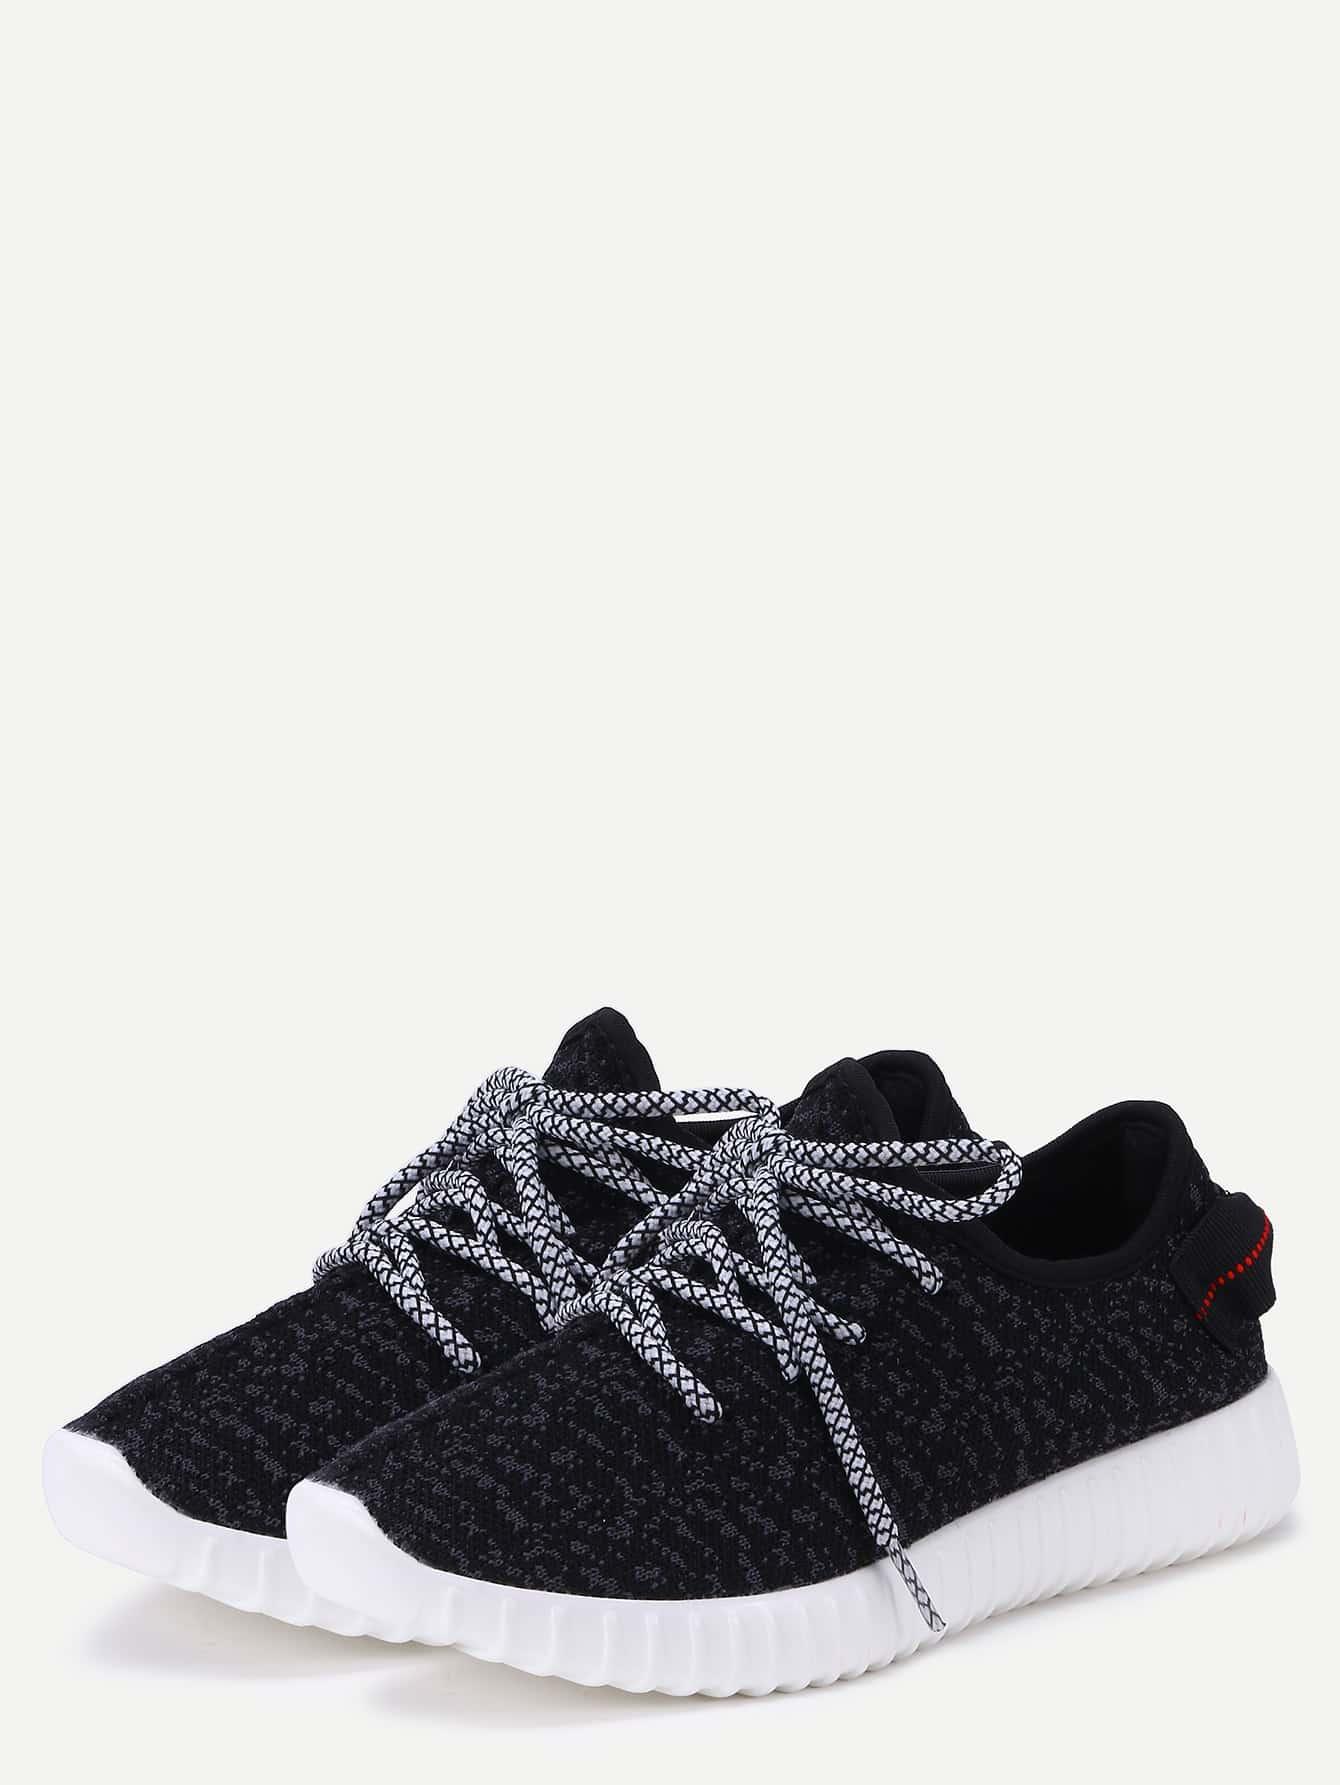 shoes160802811_2